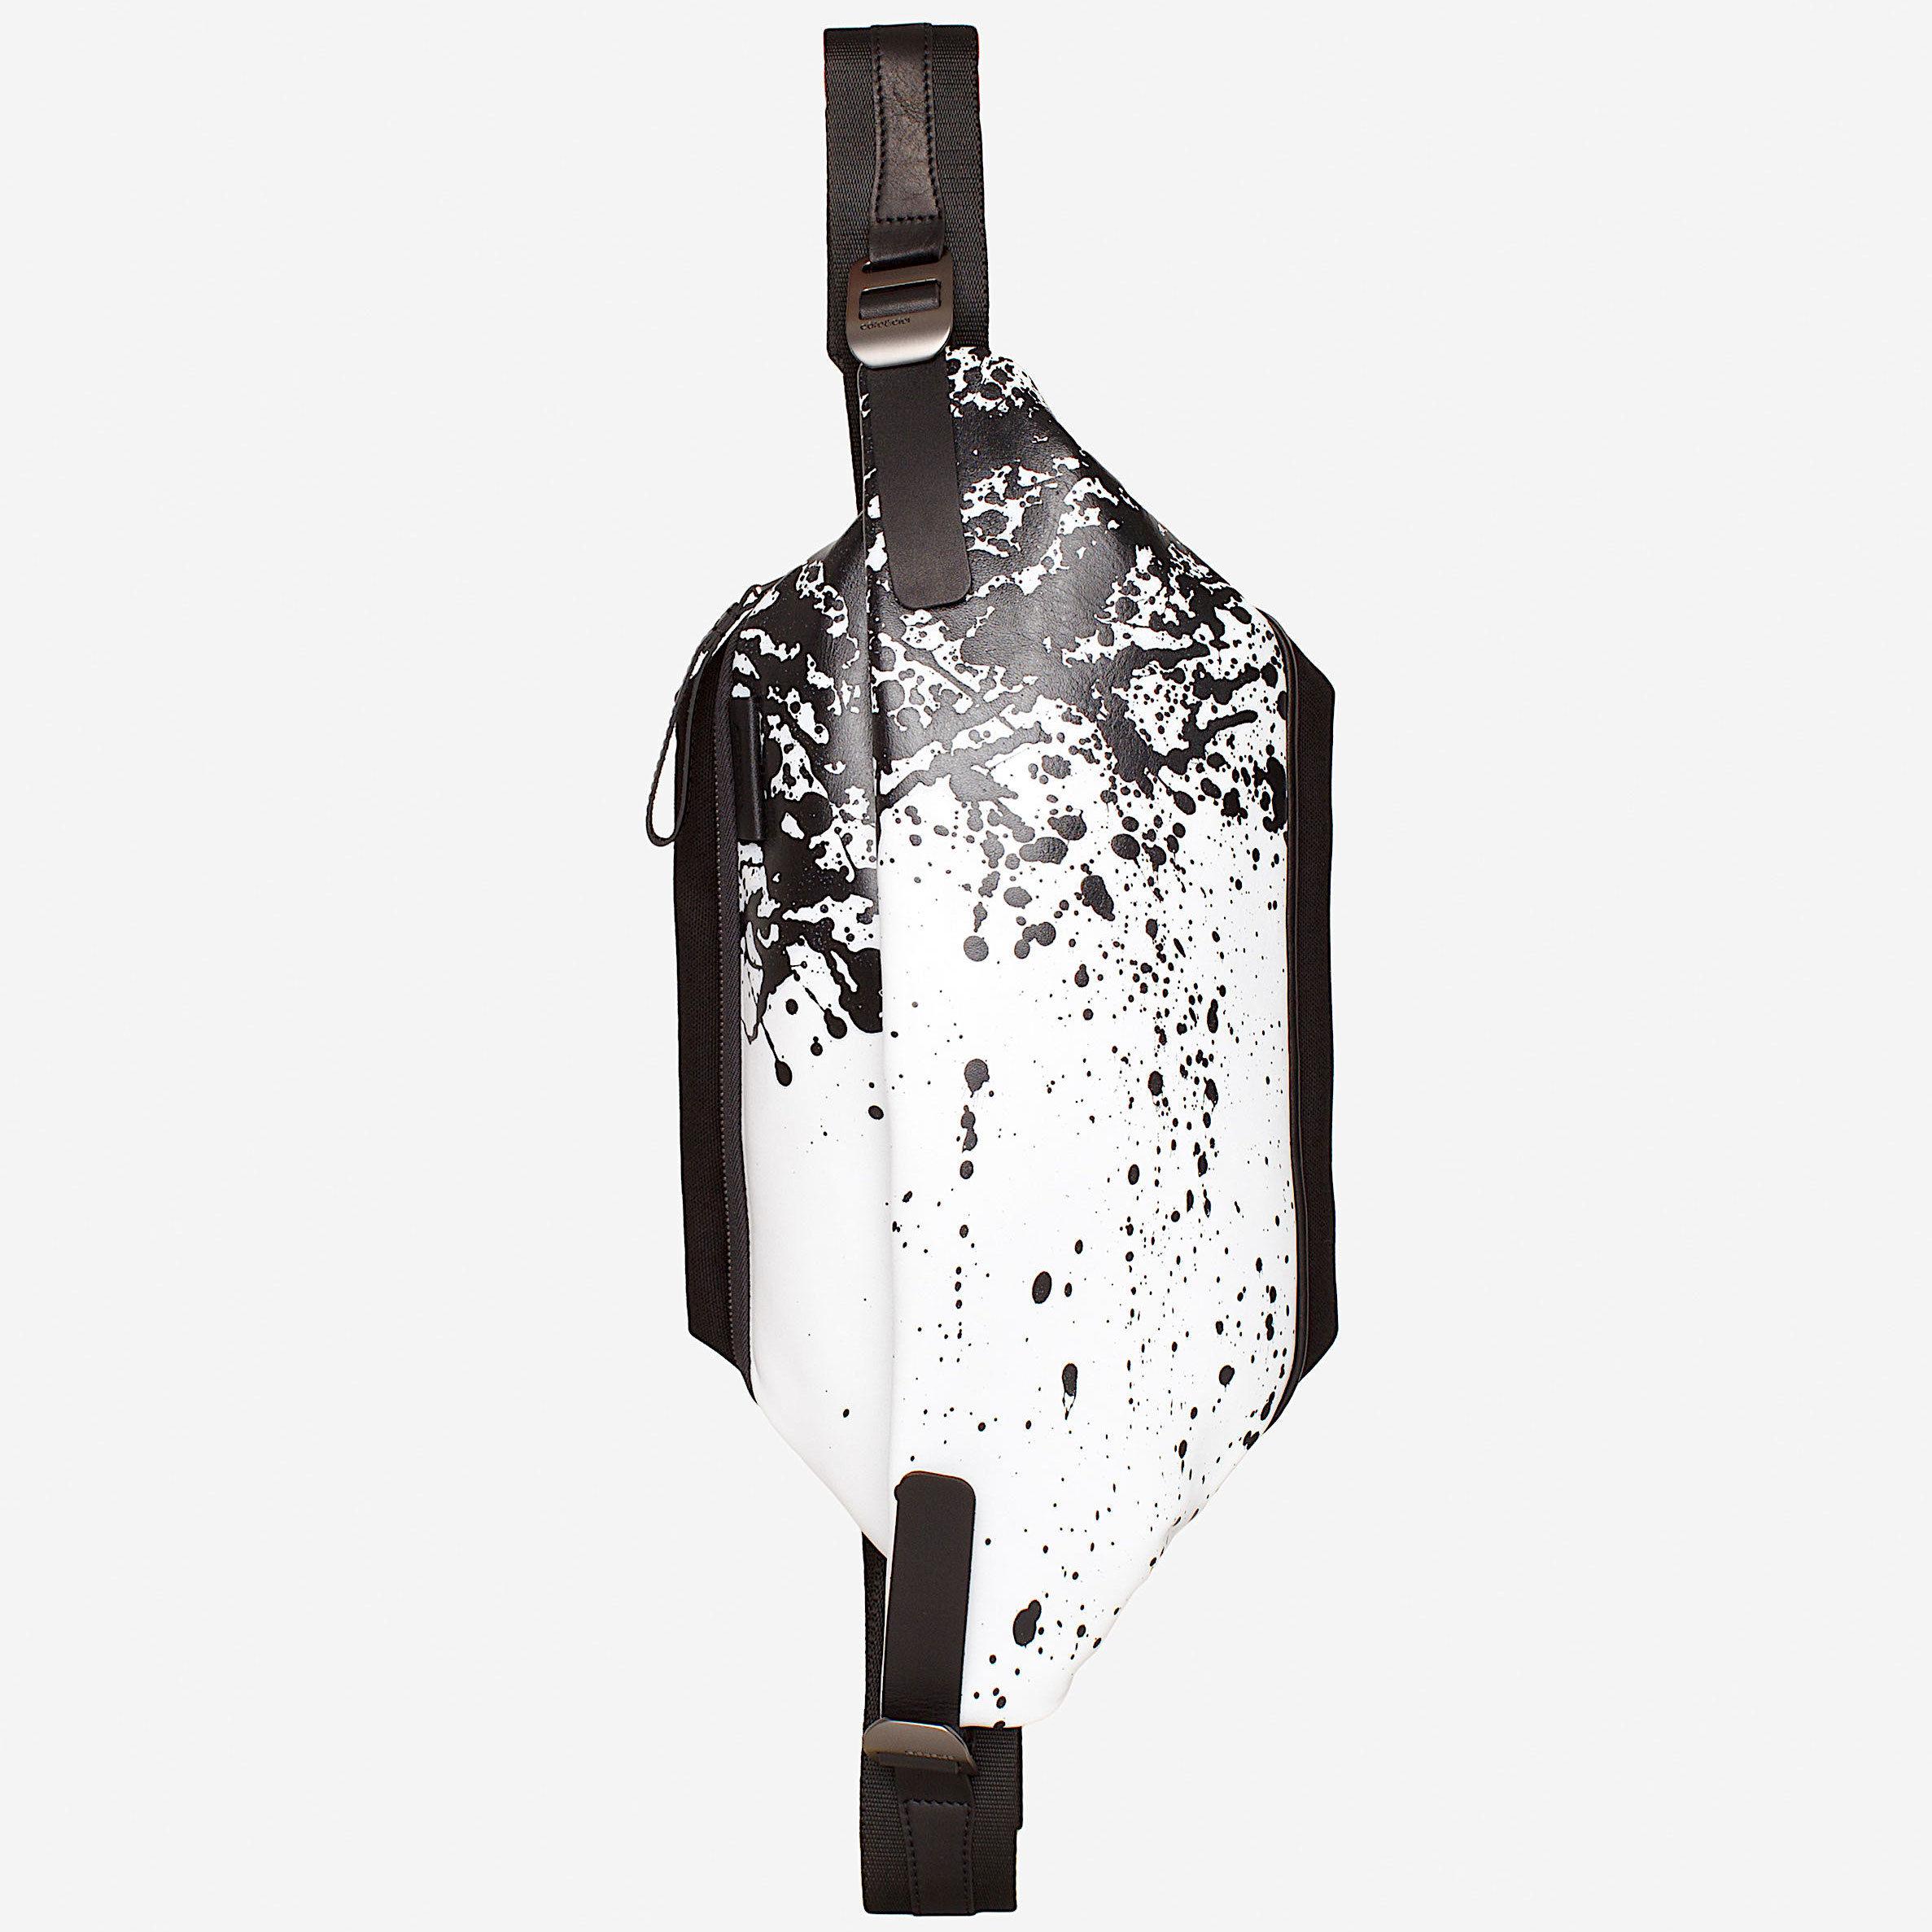 ★2018 春新作【28663】Isarau  Printed Alias Cowhile Leather 本革 - White/Black    Cote&Ciel コートエシエル ボディバッグ